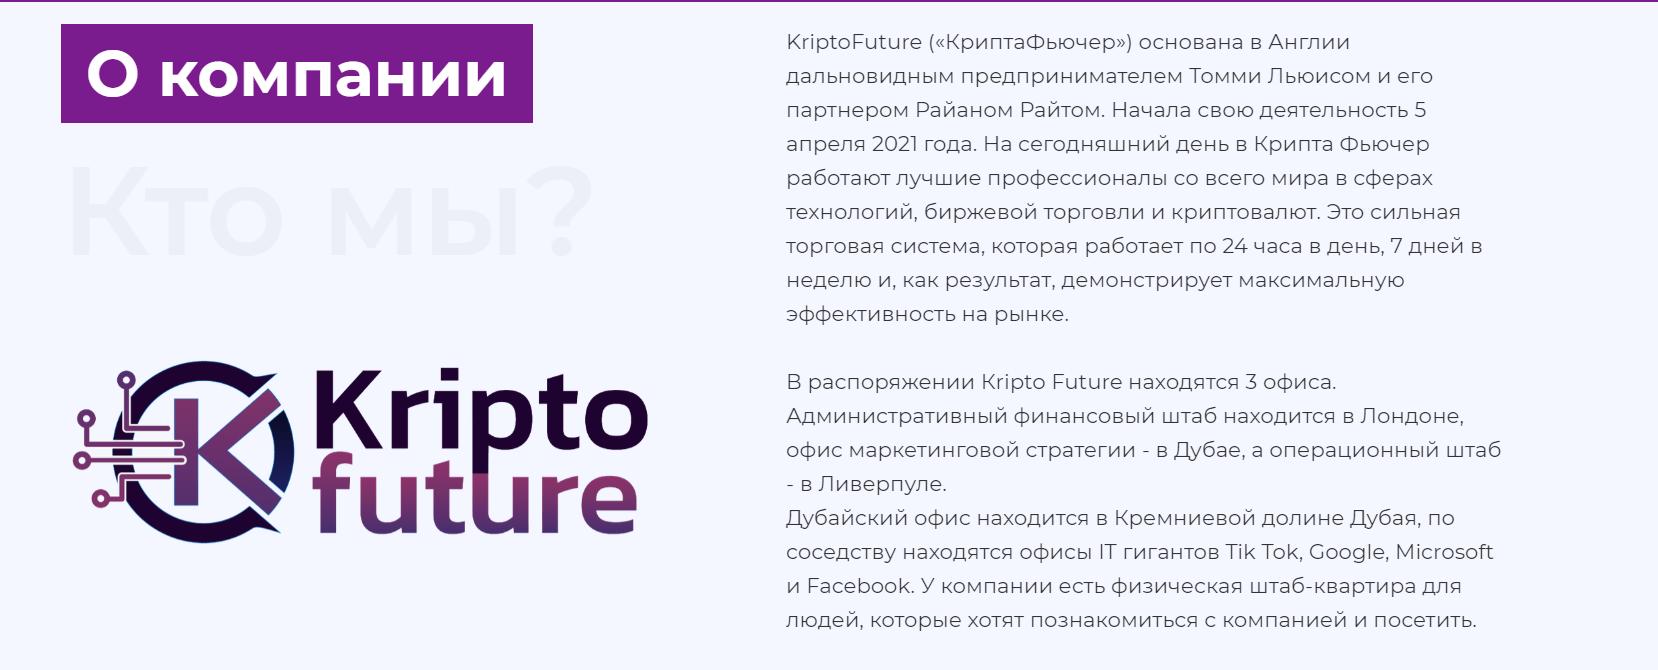 Отзывы о Kripto Future: инвестпроект или очередной обман? обзор